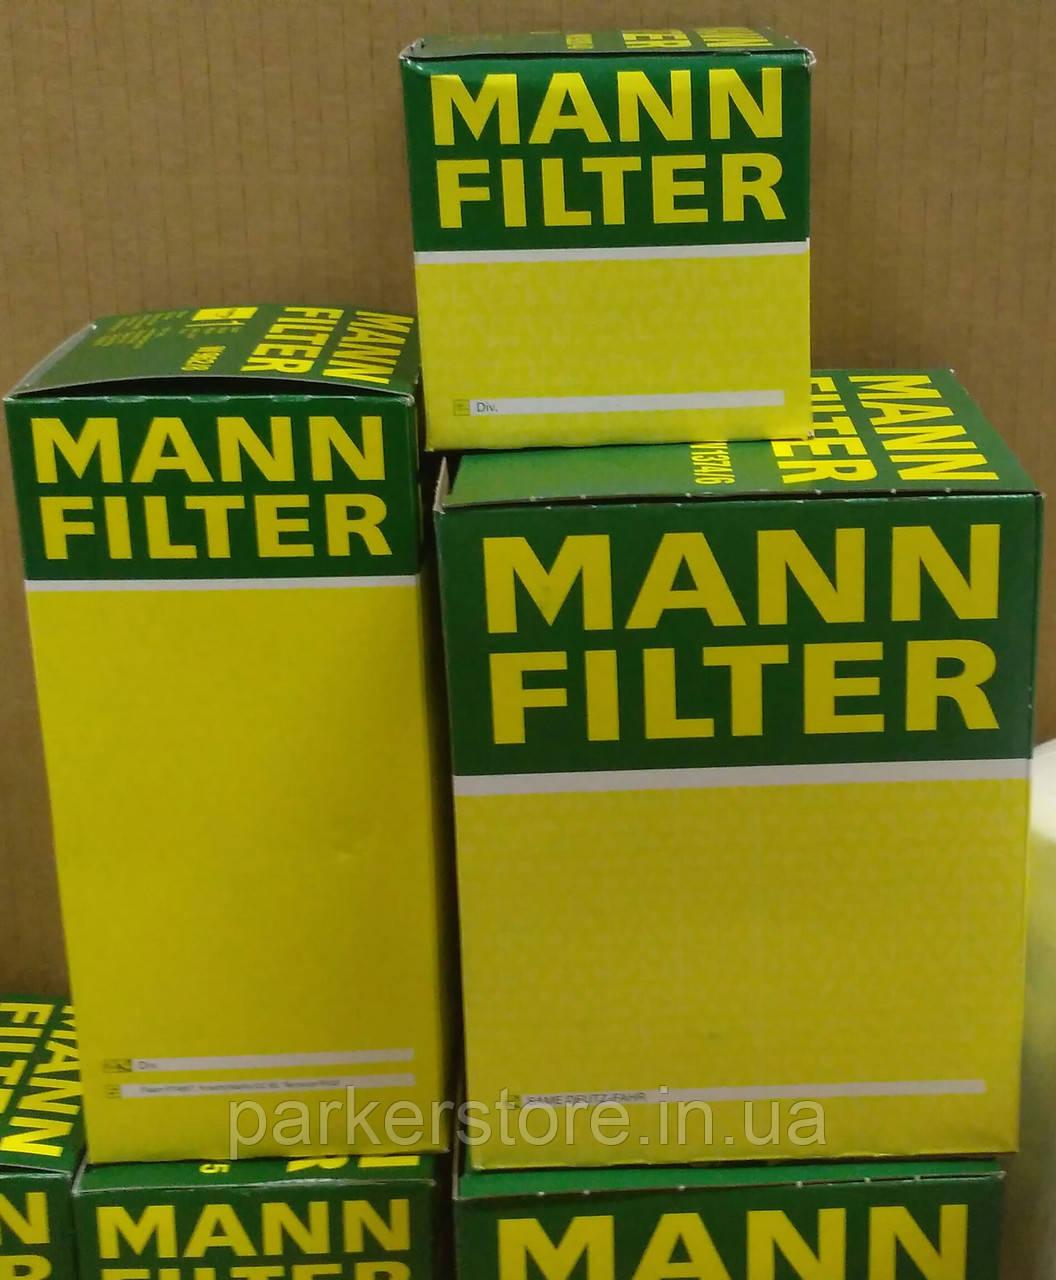 MANN FILTER / Воздушный фильтр / C 1430 / C1430